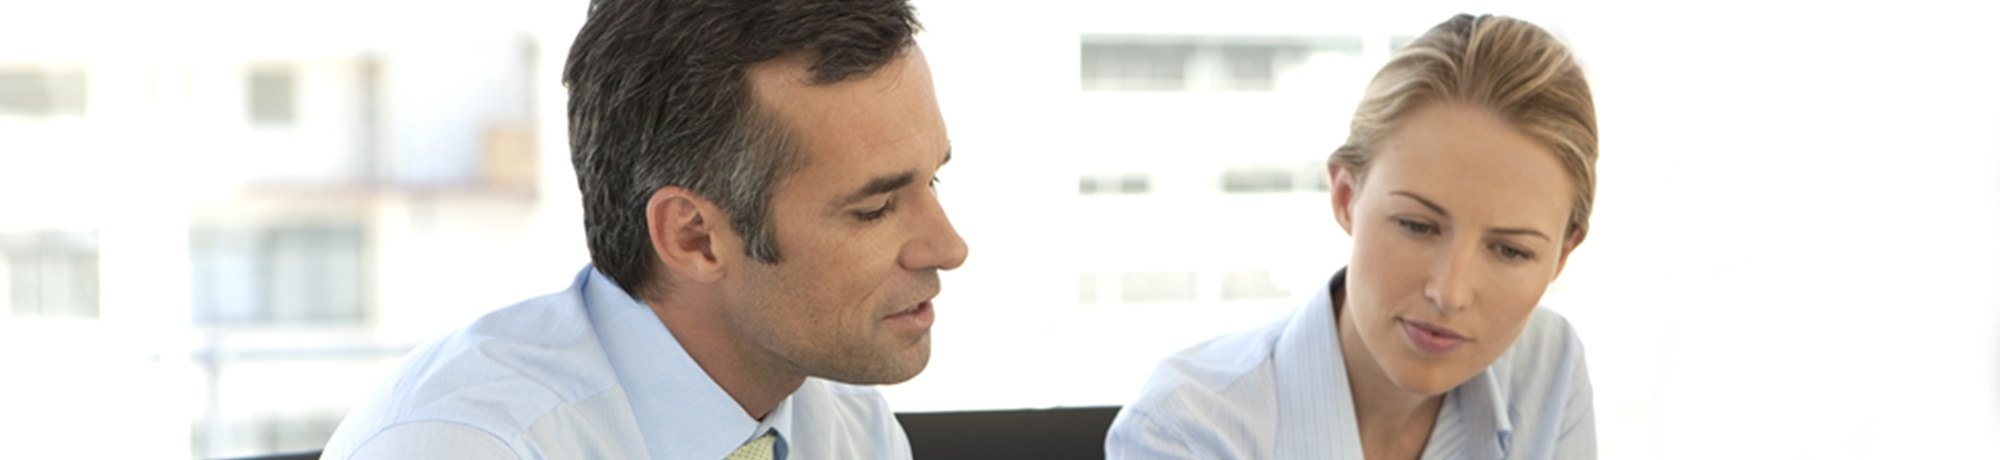 coaching-executivo-o-que-e